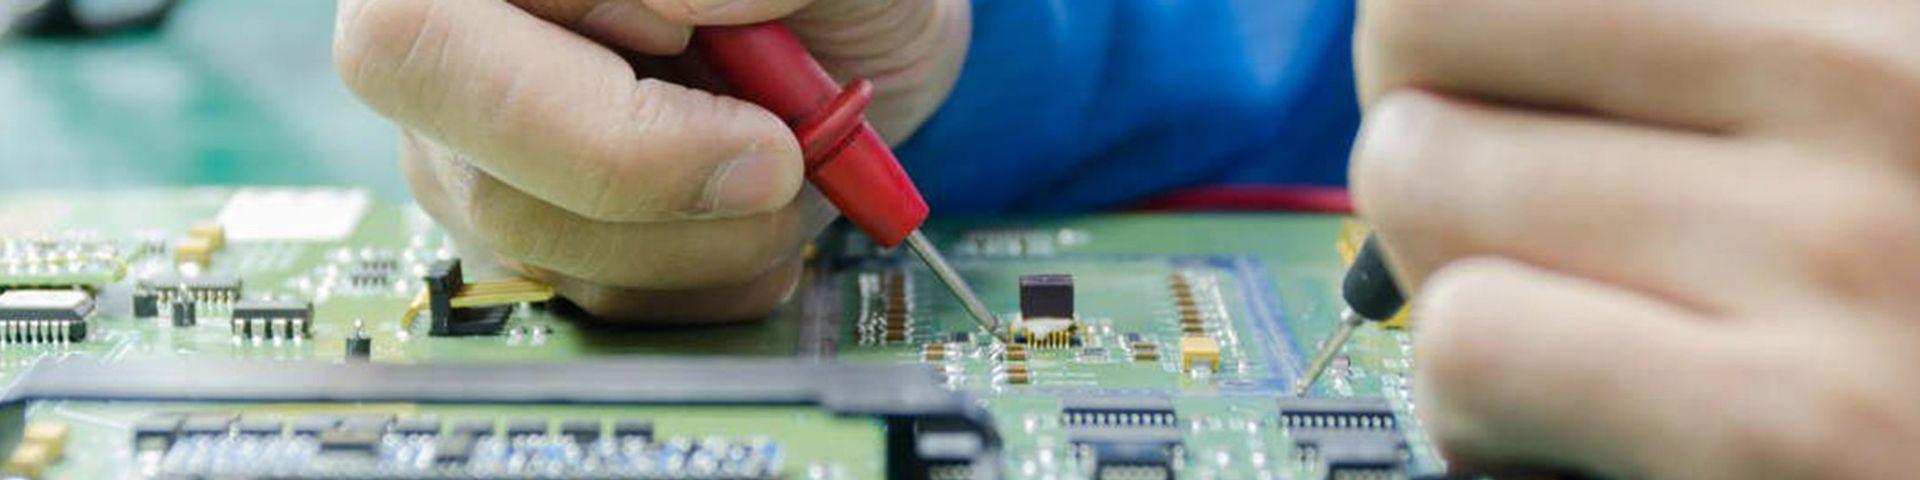 Diseño y montaje de circuitos electrónicos